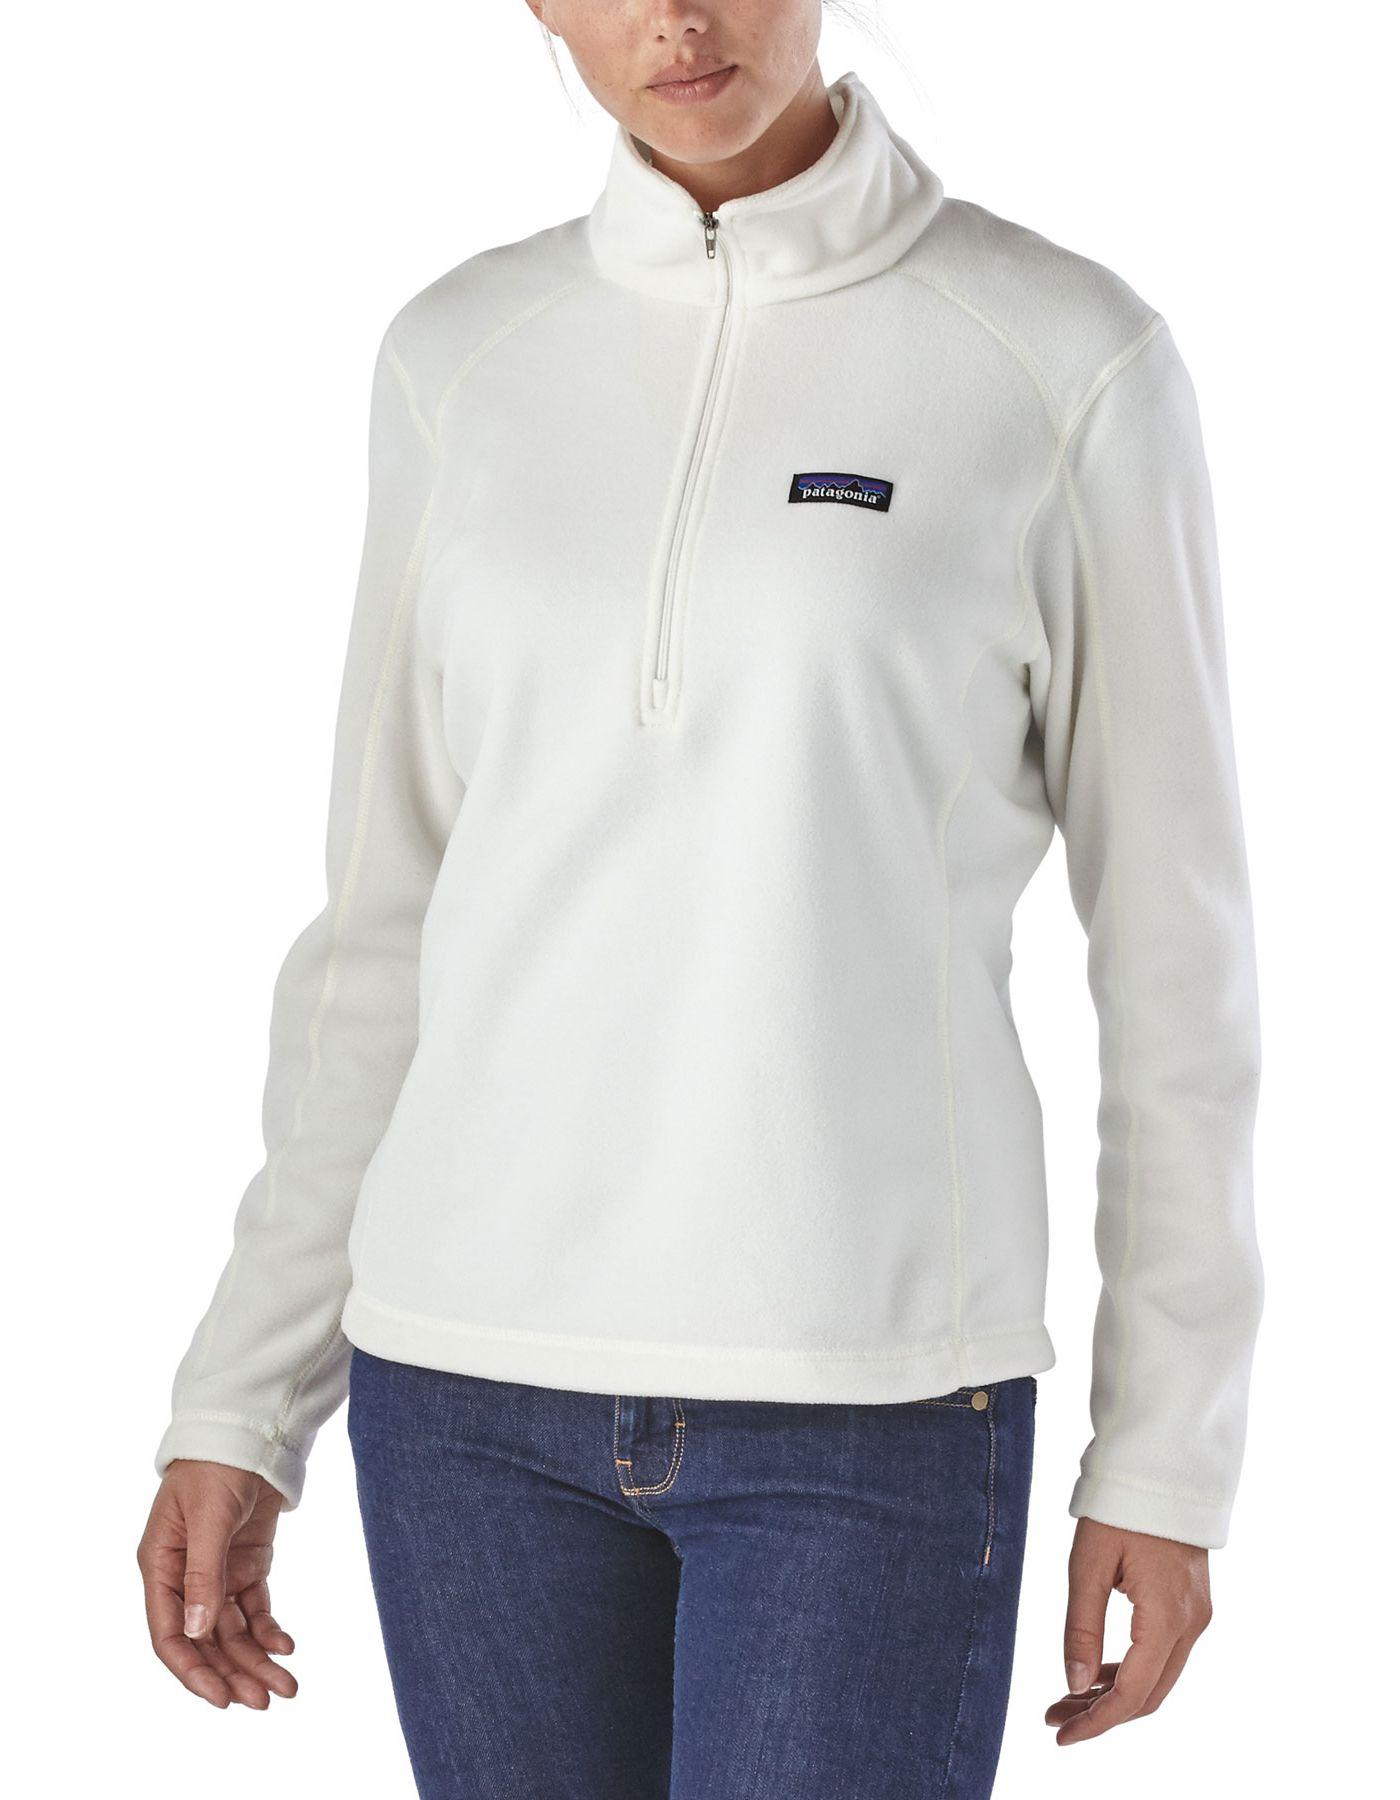 Patagonia Women's Micro D 1/4 Zip Fleece Pullover